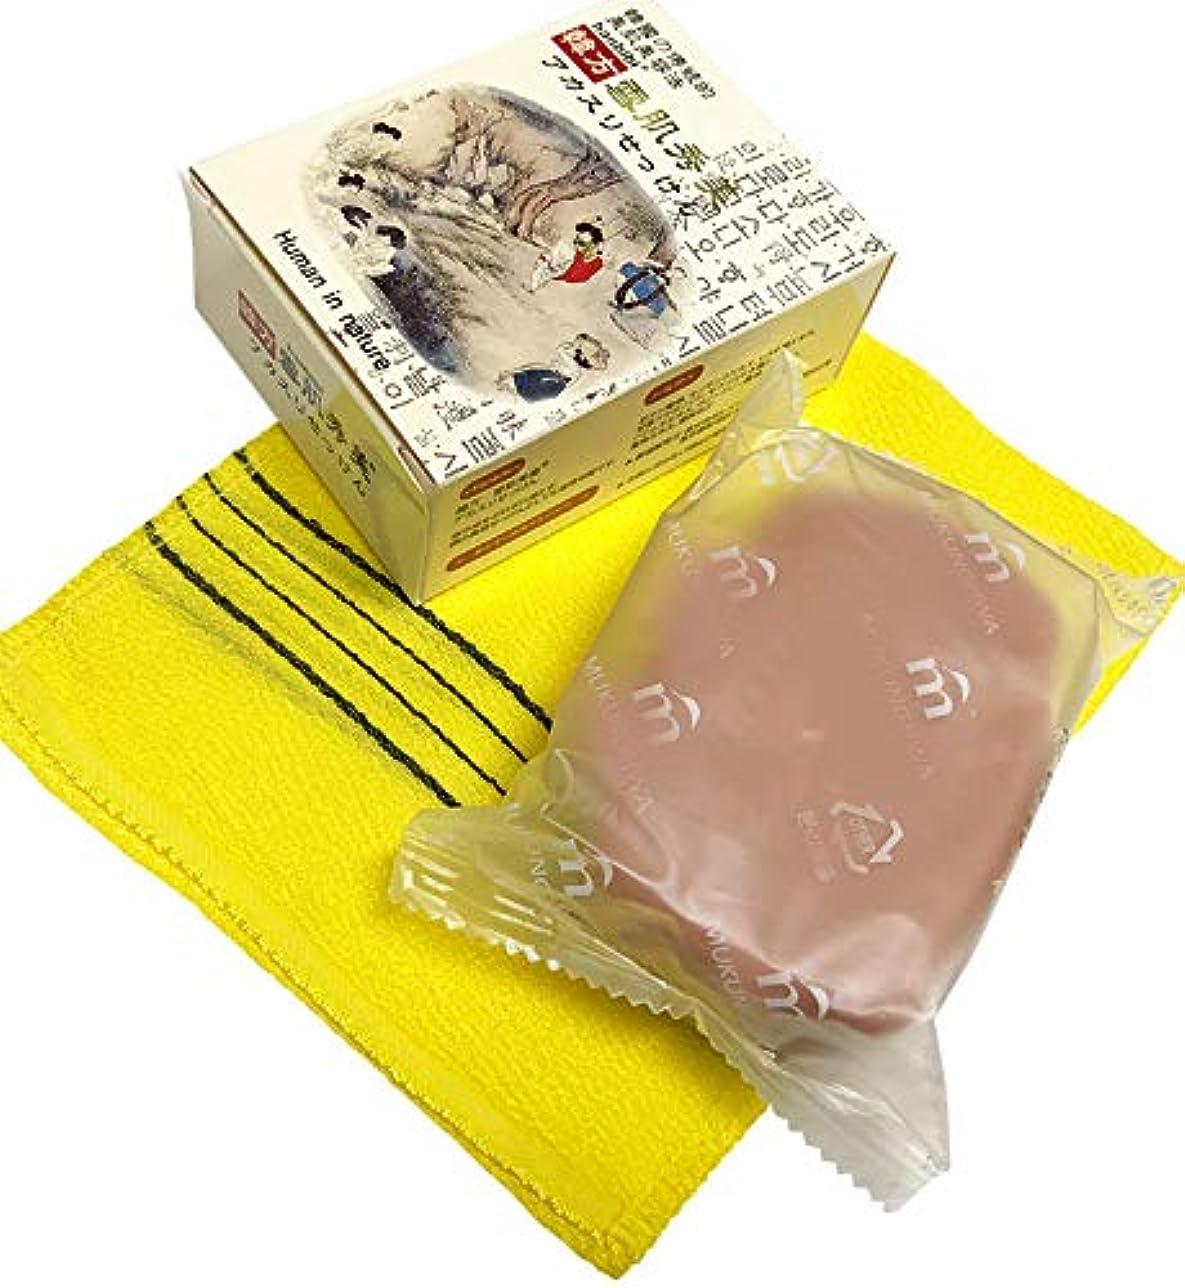 賞共感する装置人気の顔、体兼用、蜂蜜香りの韓方石ケン、韓国コスメ 韓方[雪肌美]蜂蜜アカスリせっけん アカスリ専用タオル付き